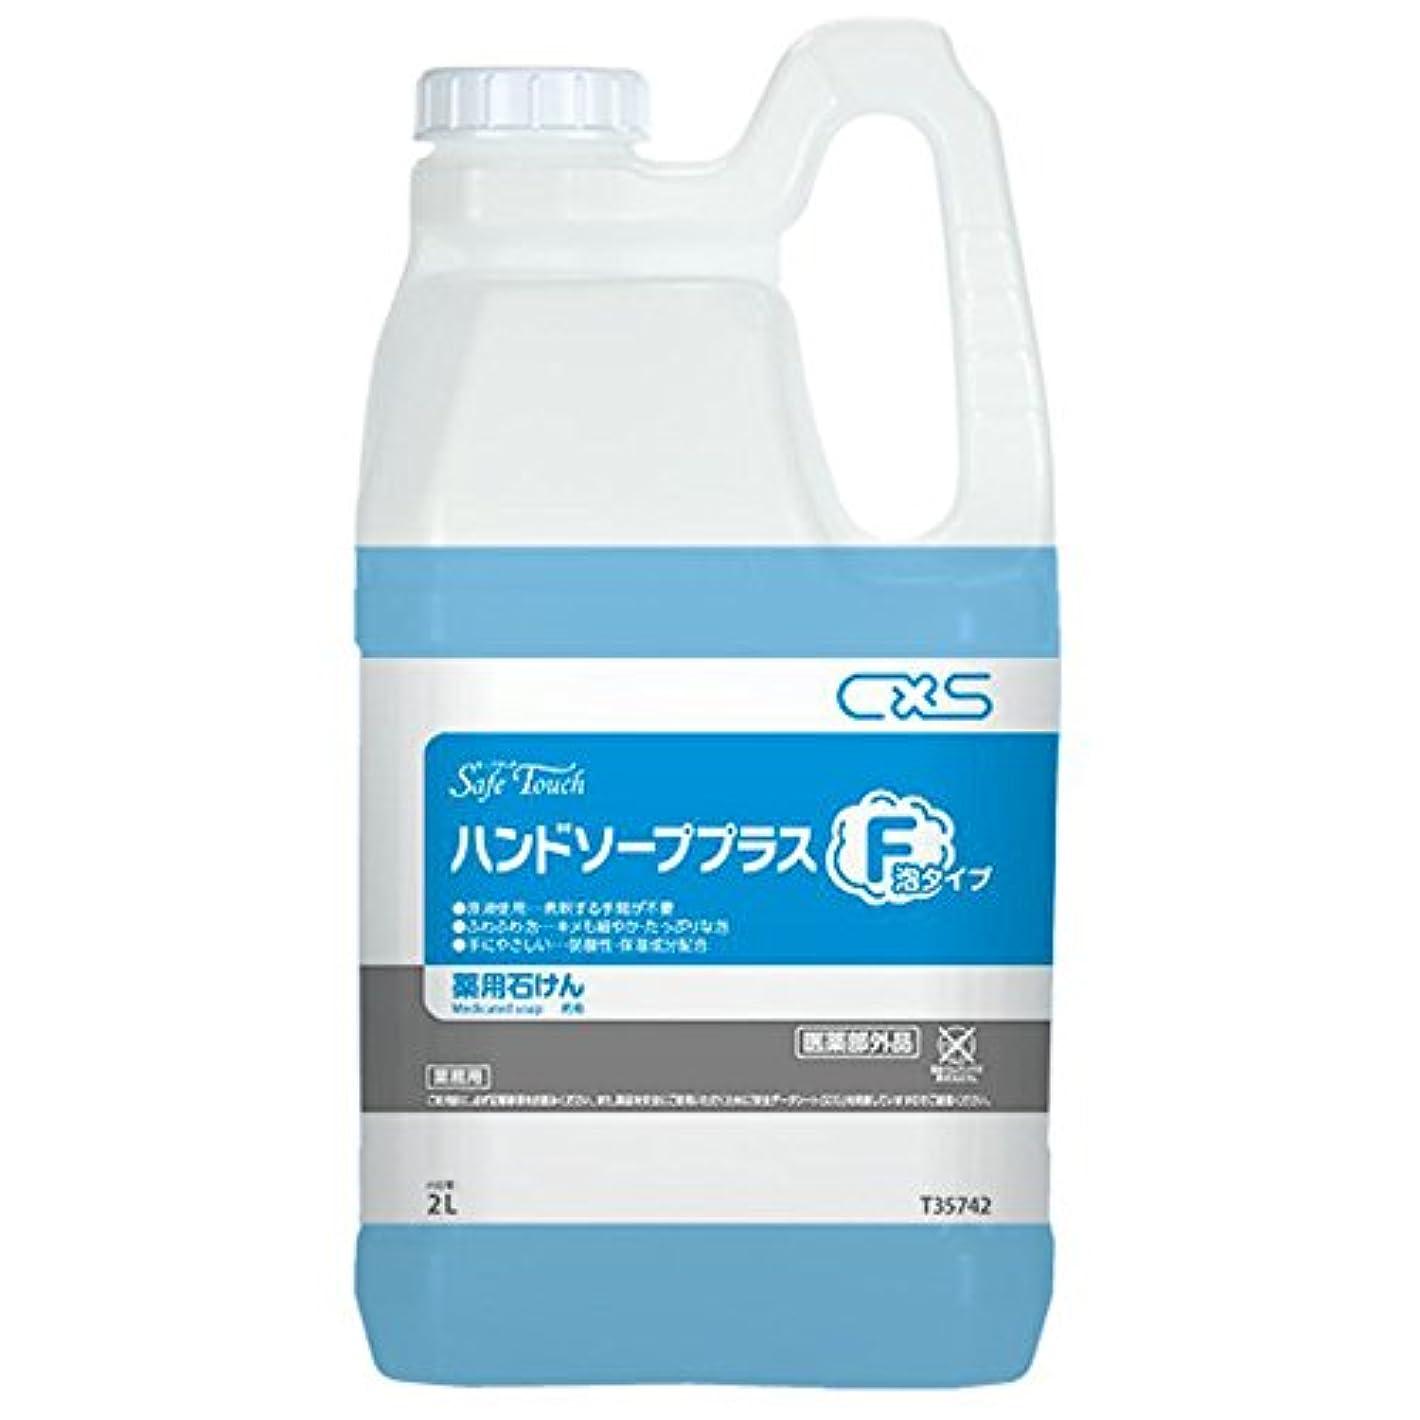 貫入結晶条件付きシーバイエス(C×S) 殺菌?消毒用手洗い石けん セーフタッチハンドソーププラスF 2L